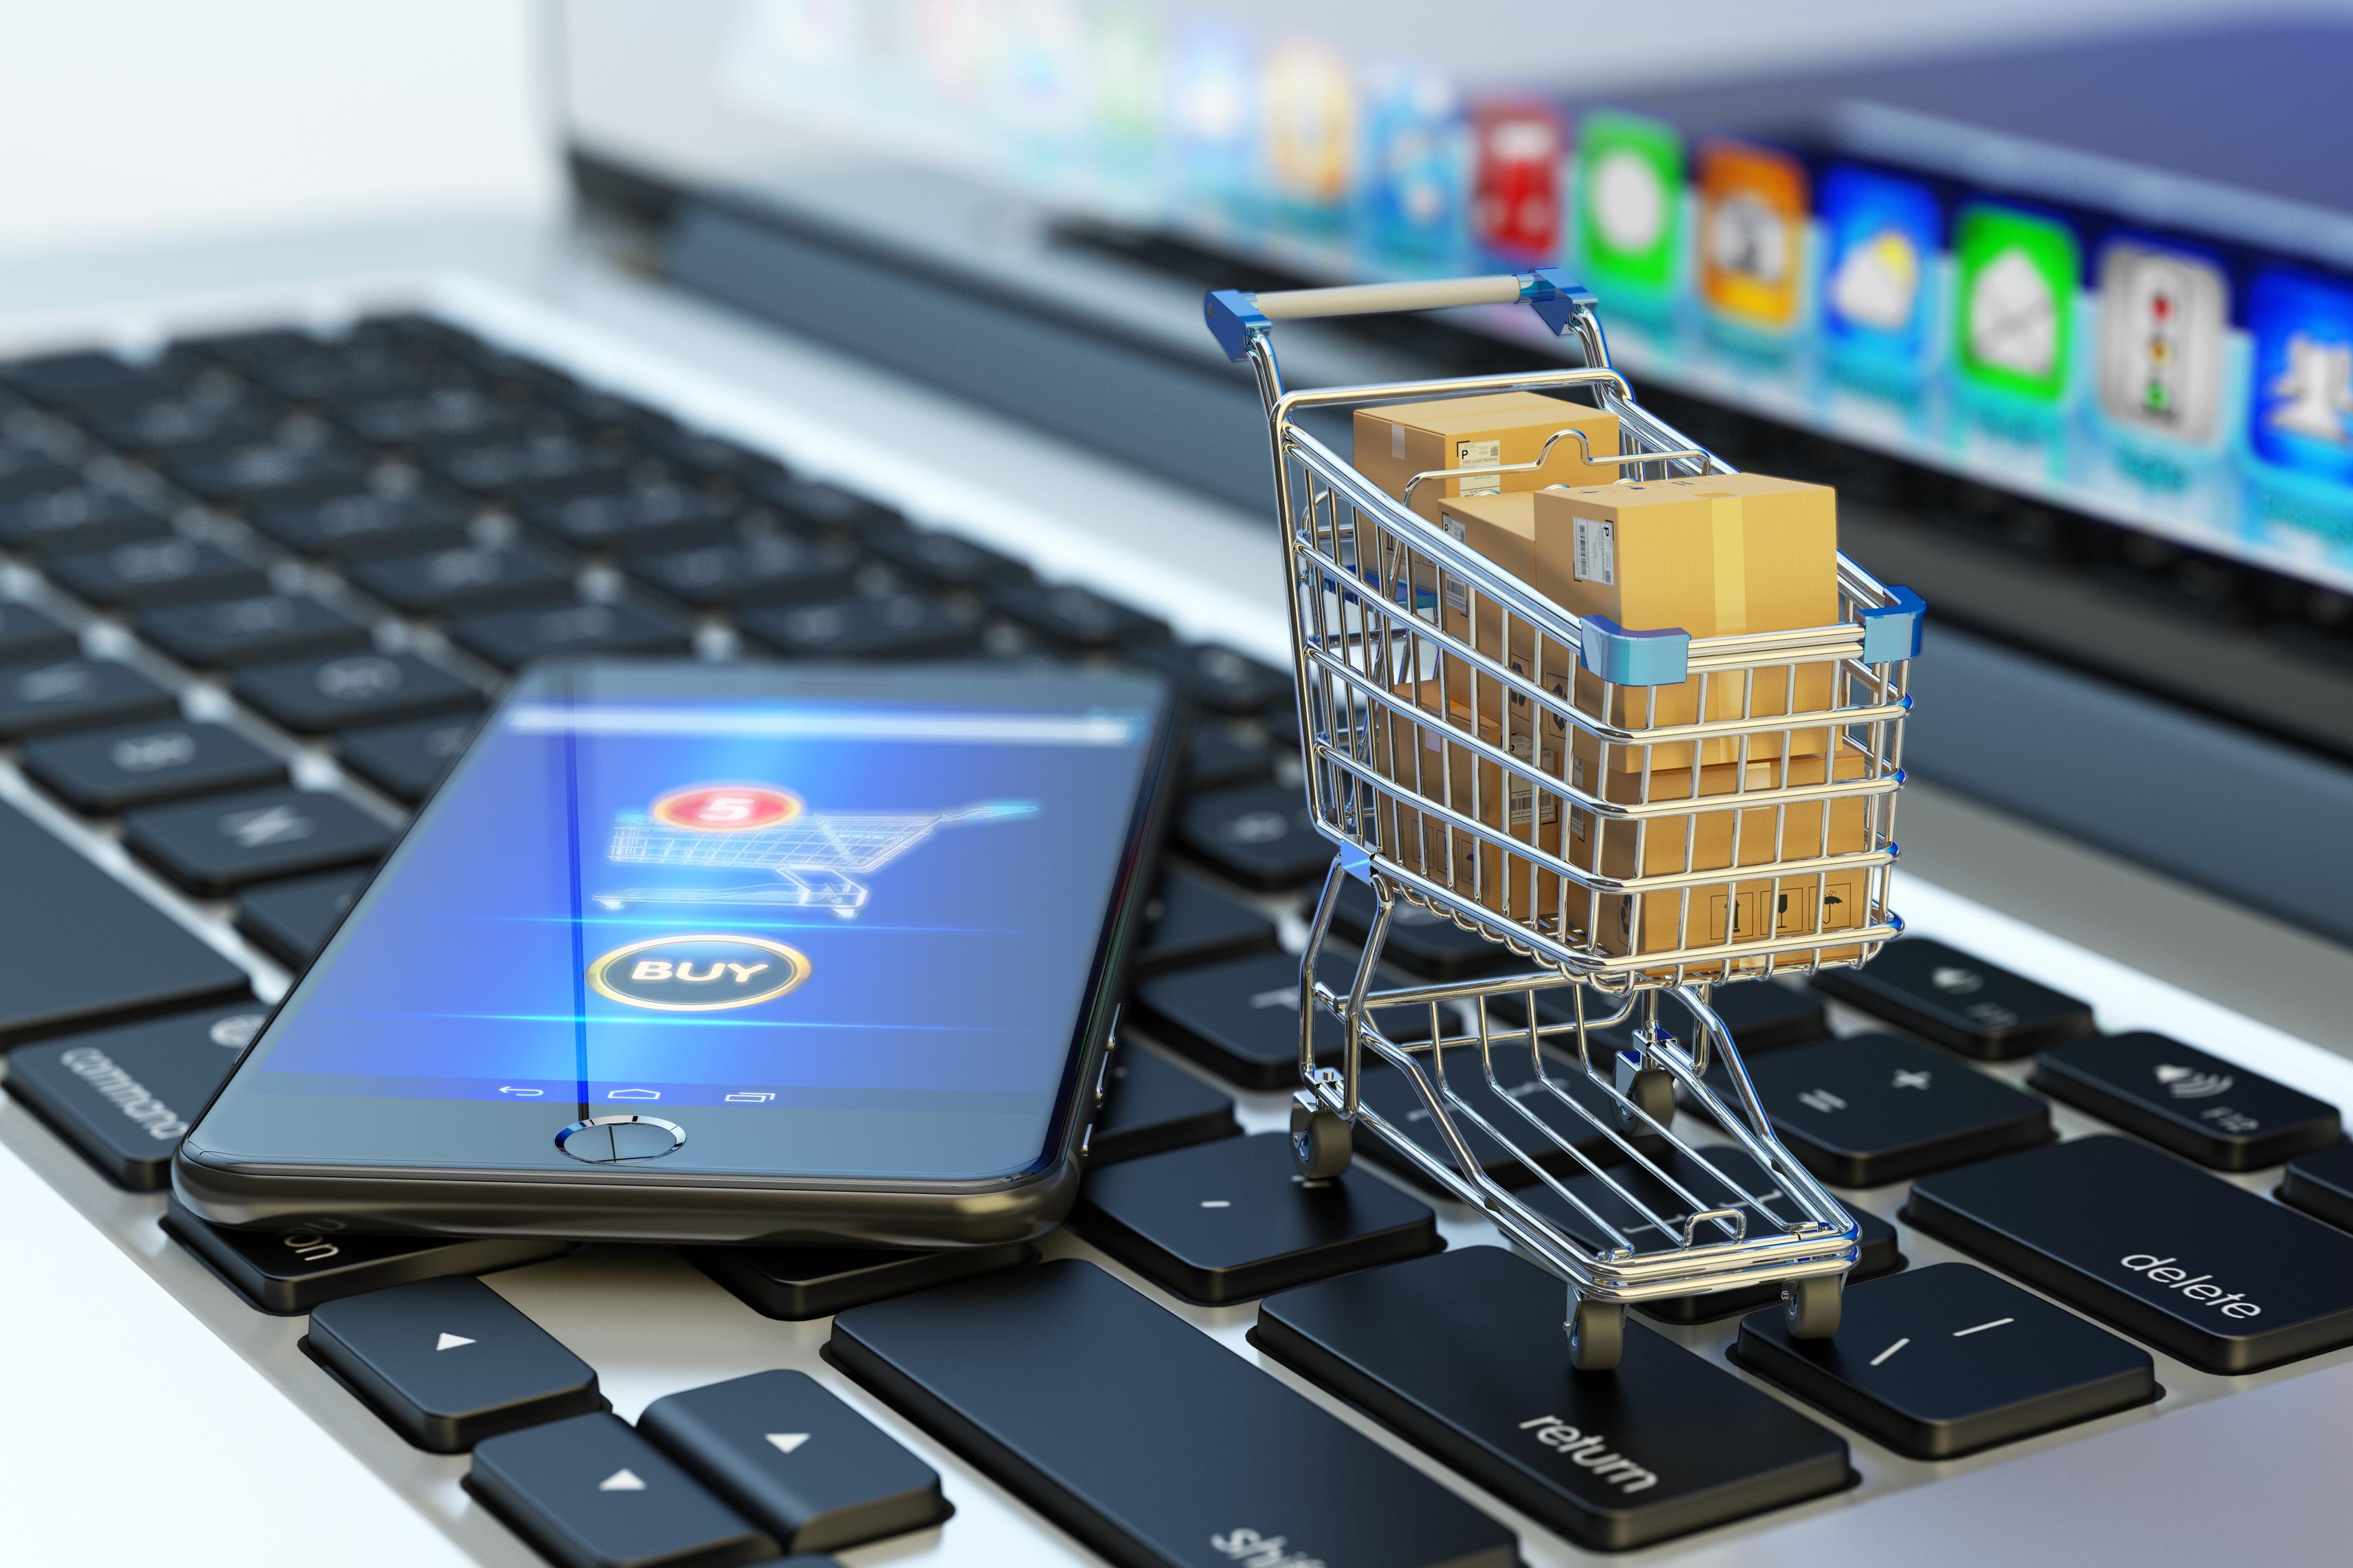 Titelbild der Studie Handel im digitalen Wandel: wie online eingekauft wird